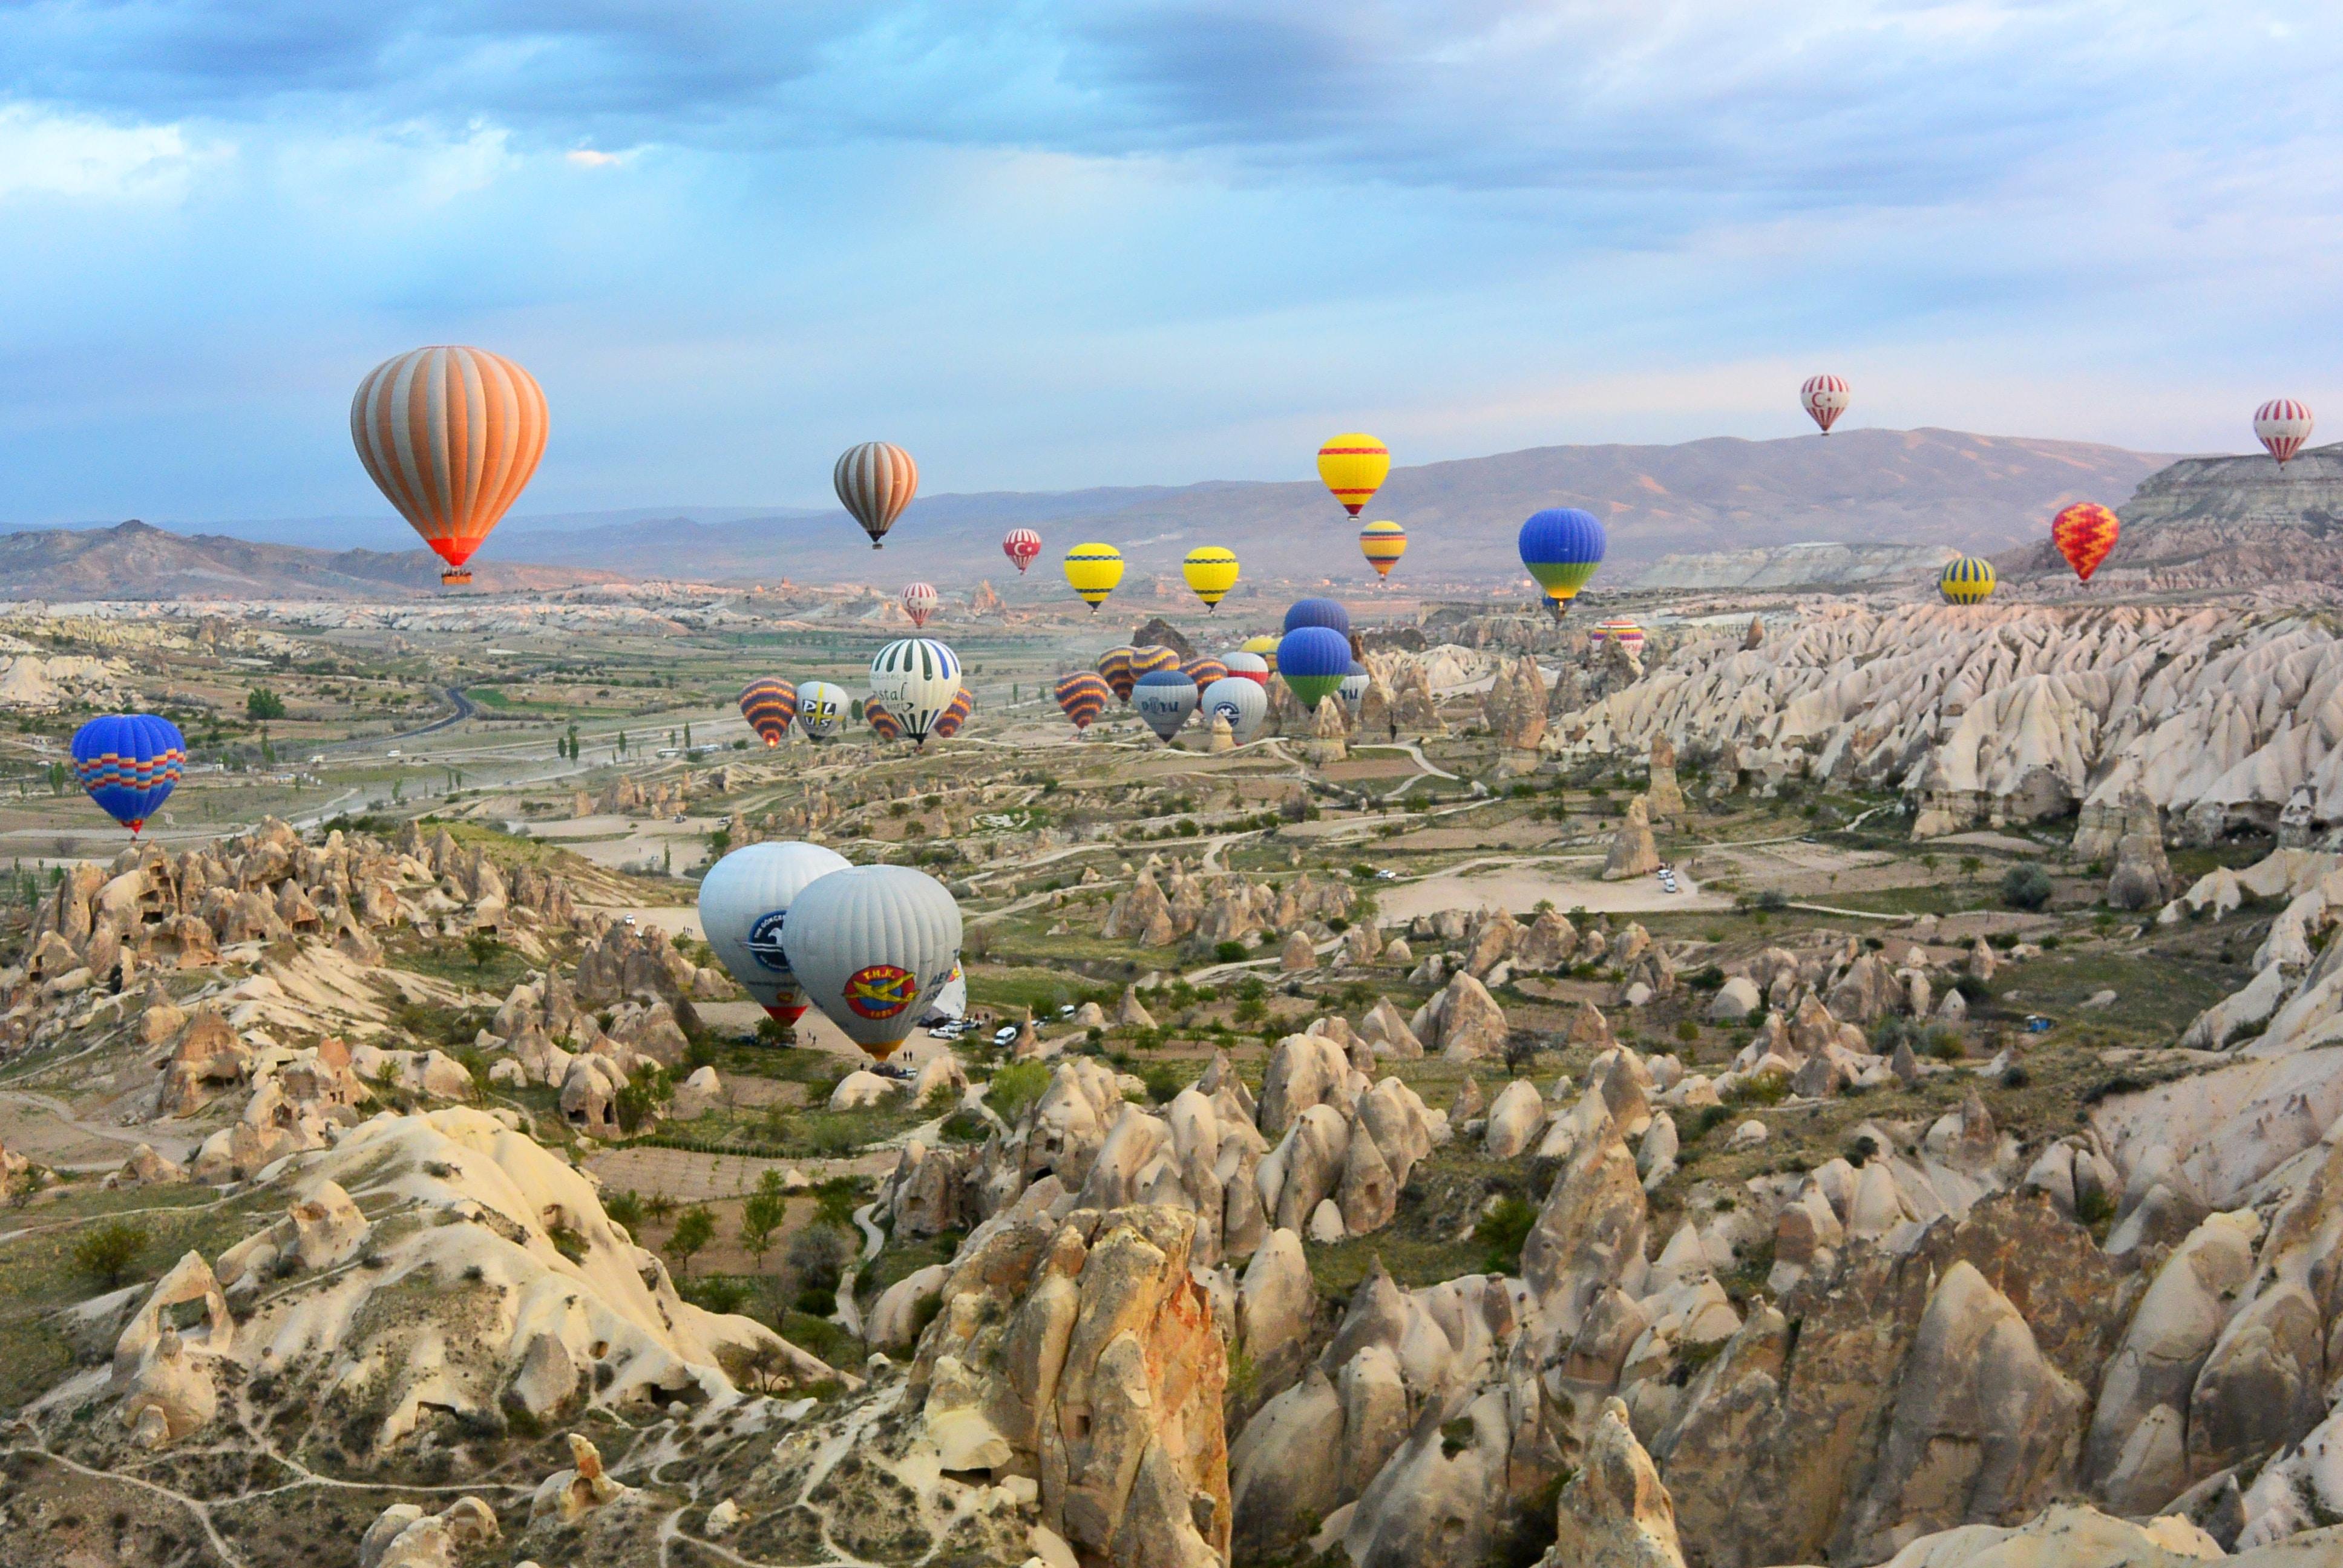 Jaką walutę warto zabrać ze sobą na wakacje do Turcji?